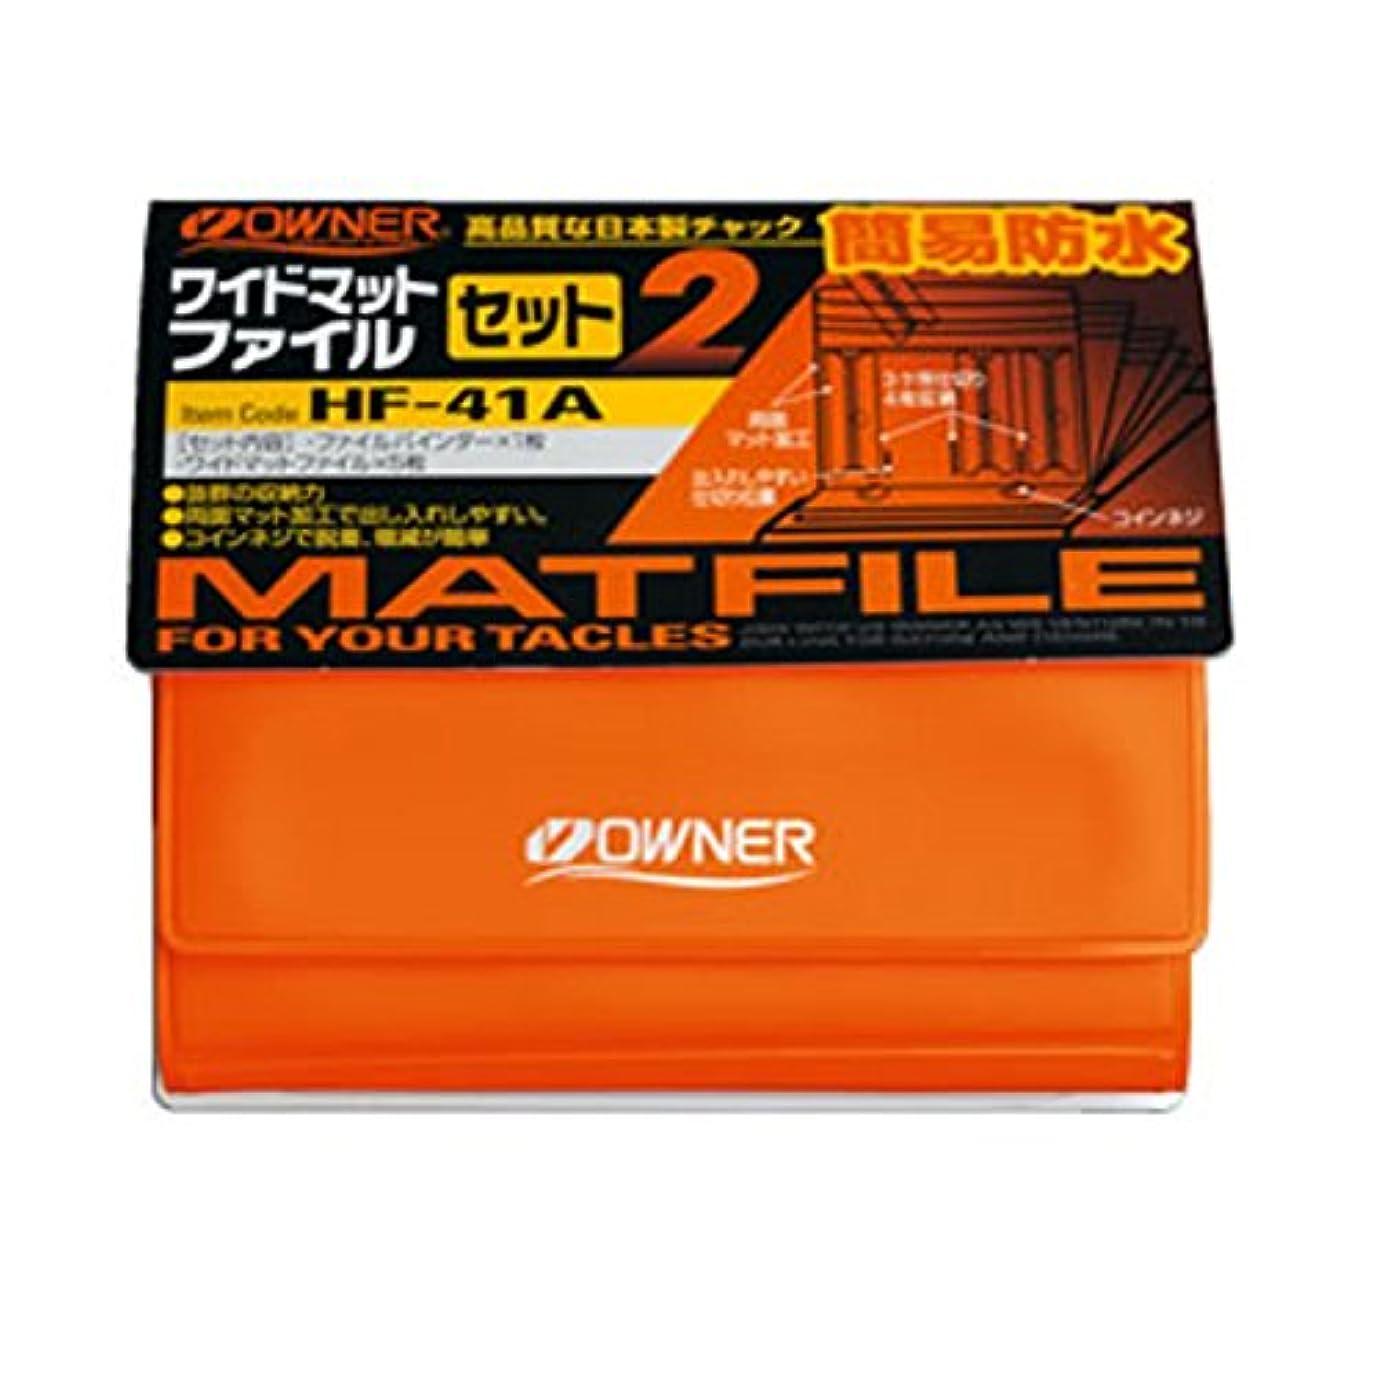 叱る子音備品OWNER(オーナー) HF-41A マットファイルセット2 オレンジ